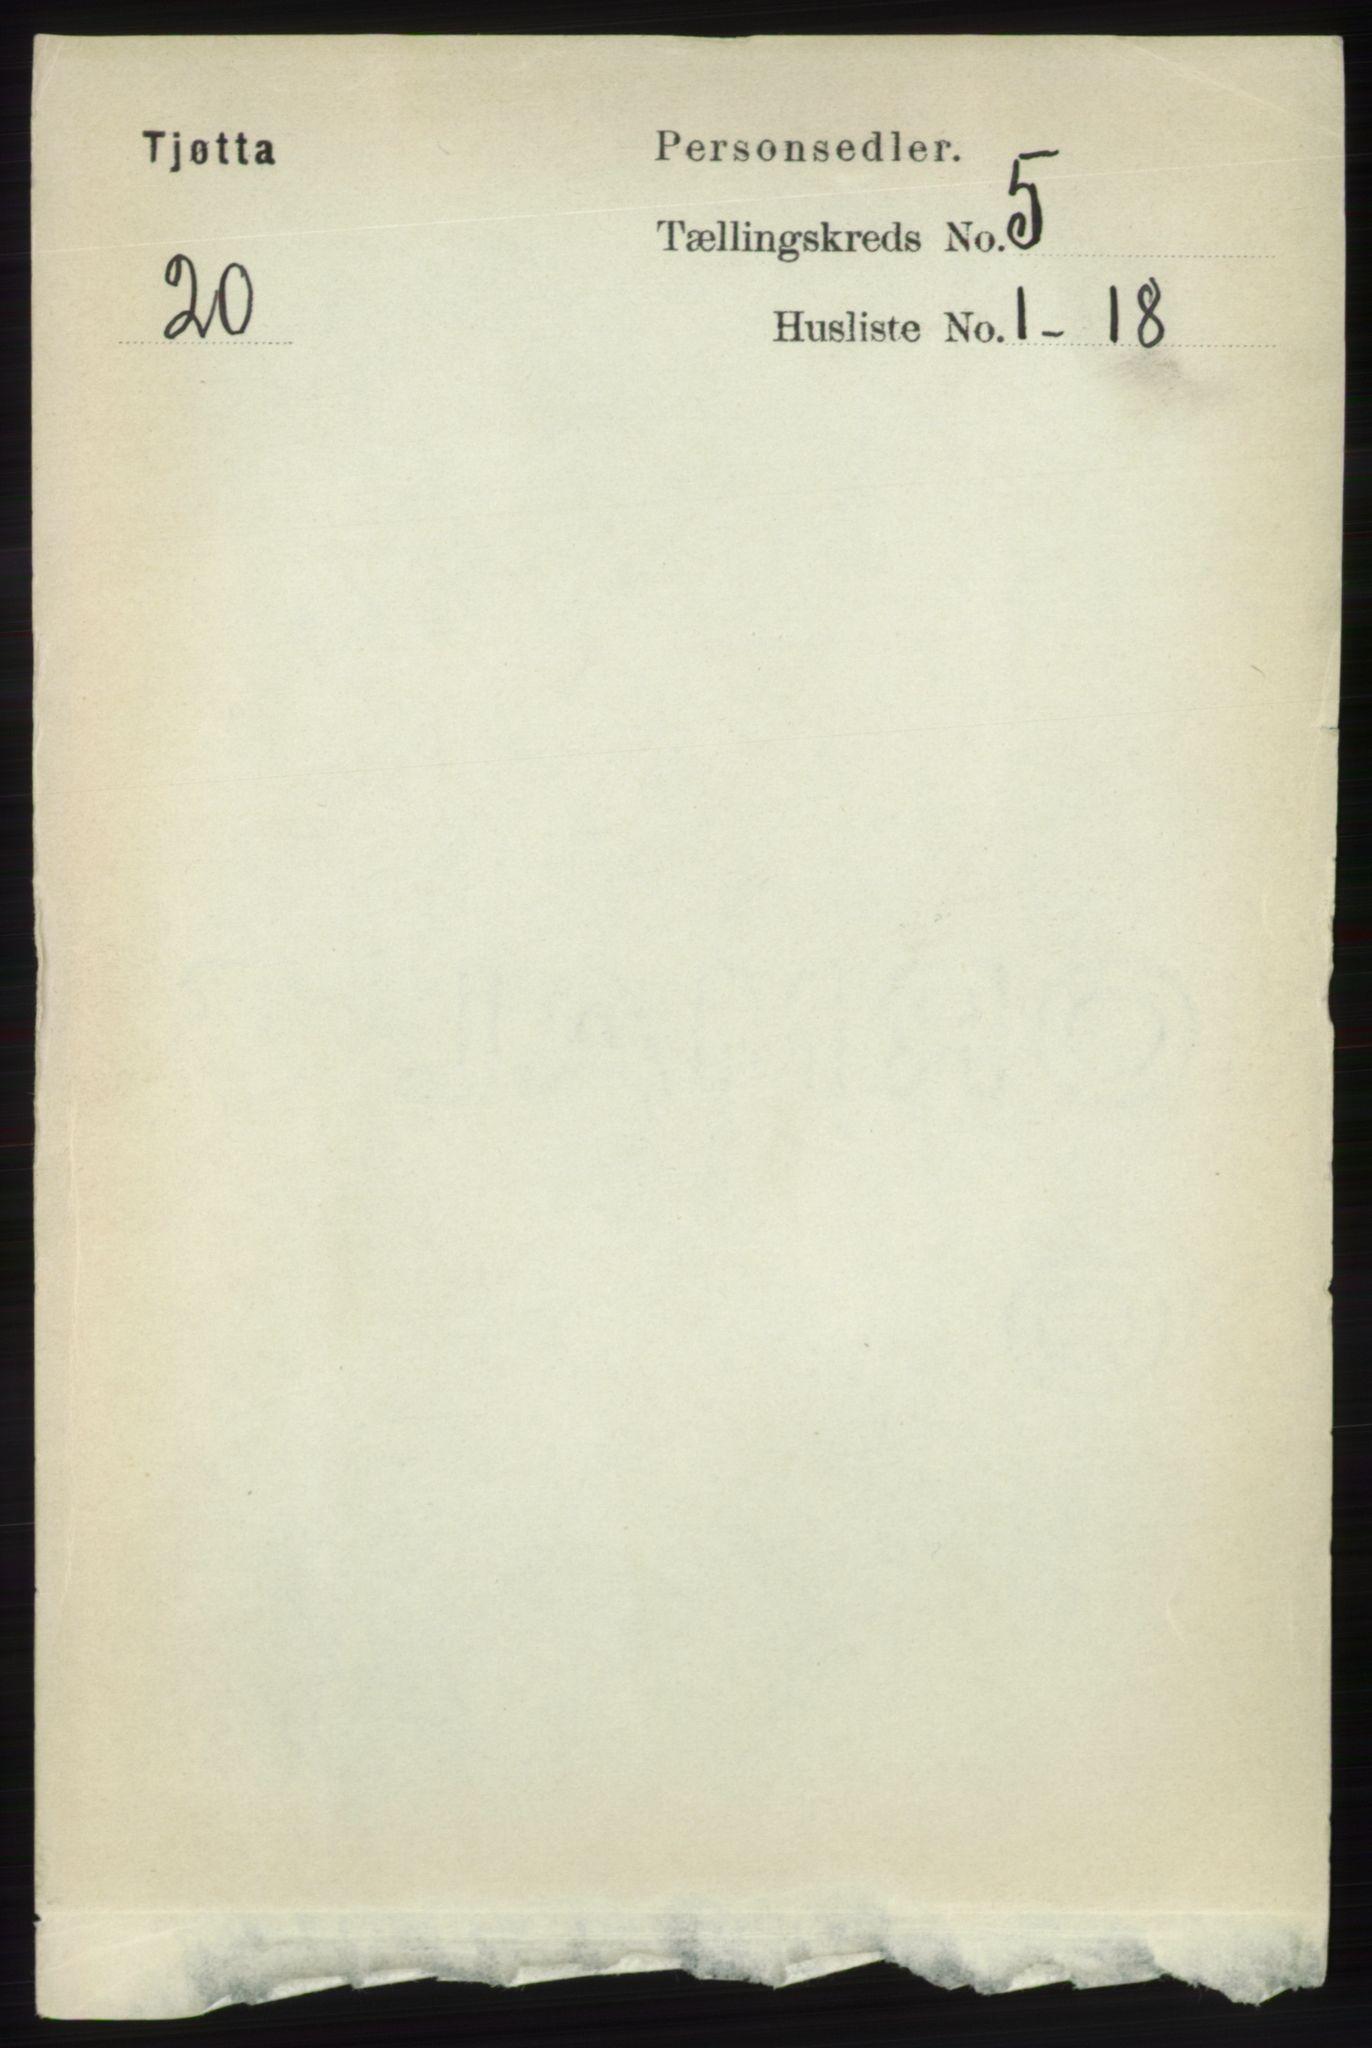 RA, Folketelling 1891 for 1817 Tjøtta herred, 1891, s. 2377